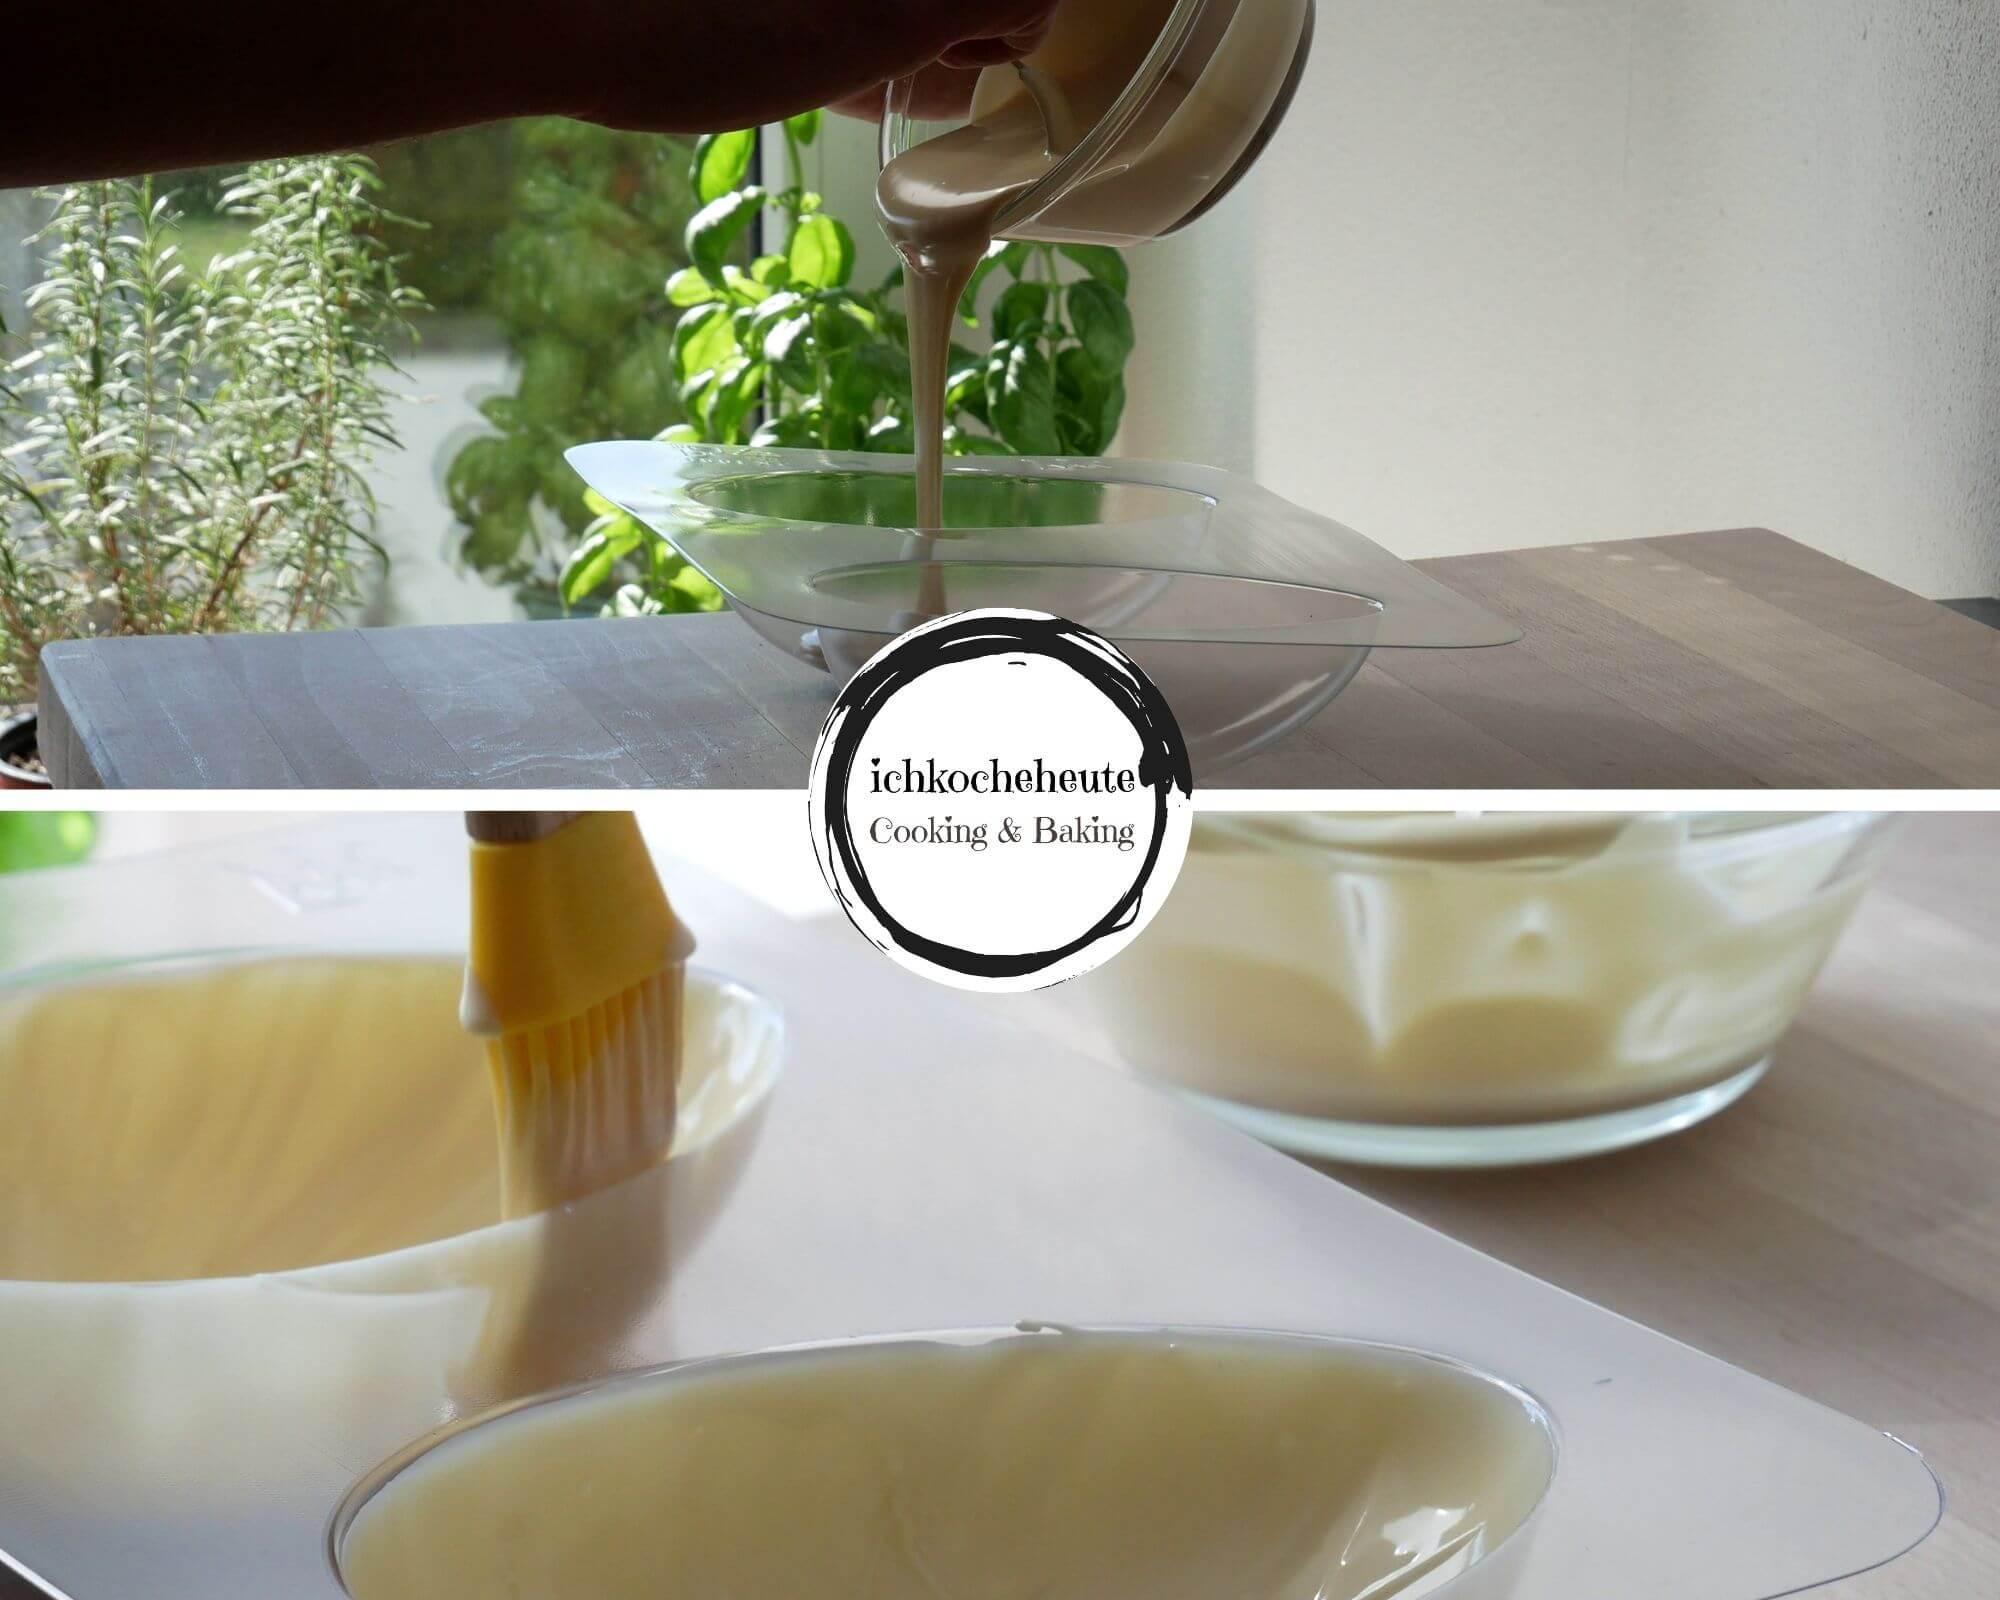 Brushing Baking Mold with White Chocolate